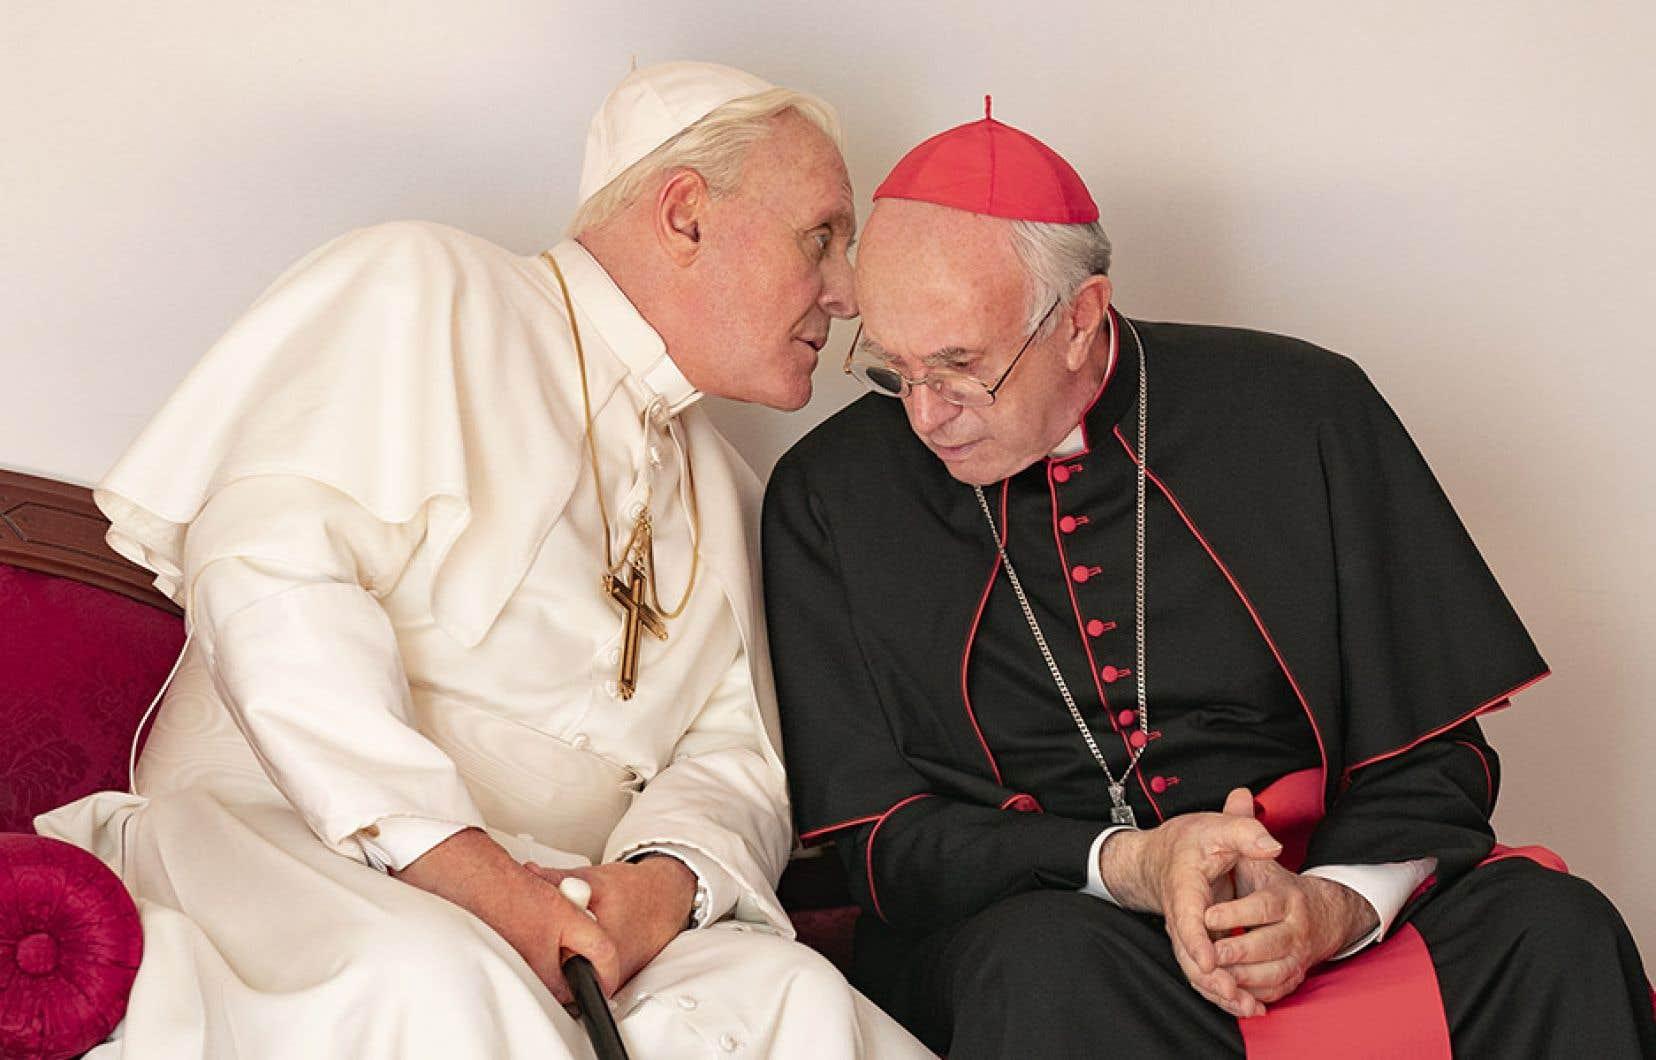 Dans des performances de haut calibre, Anthony Hopkins (à gauche) incarne Benoît XVI et Jonathan Pryce (à droite) se glisse dans la peau de François.